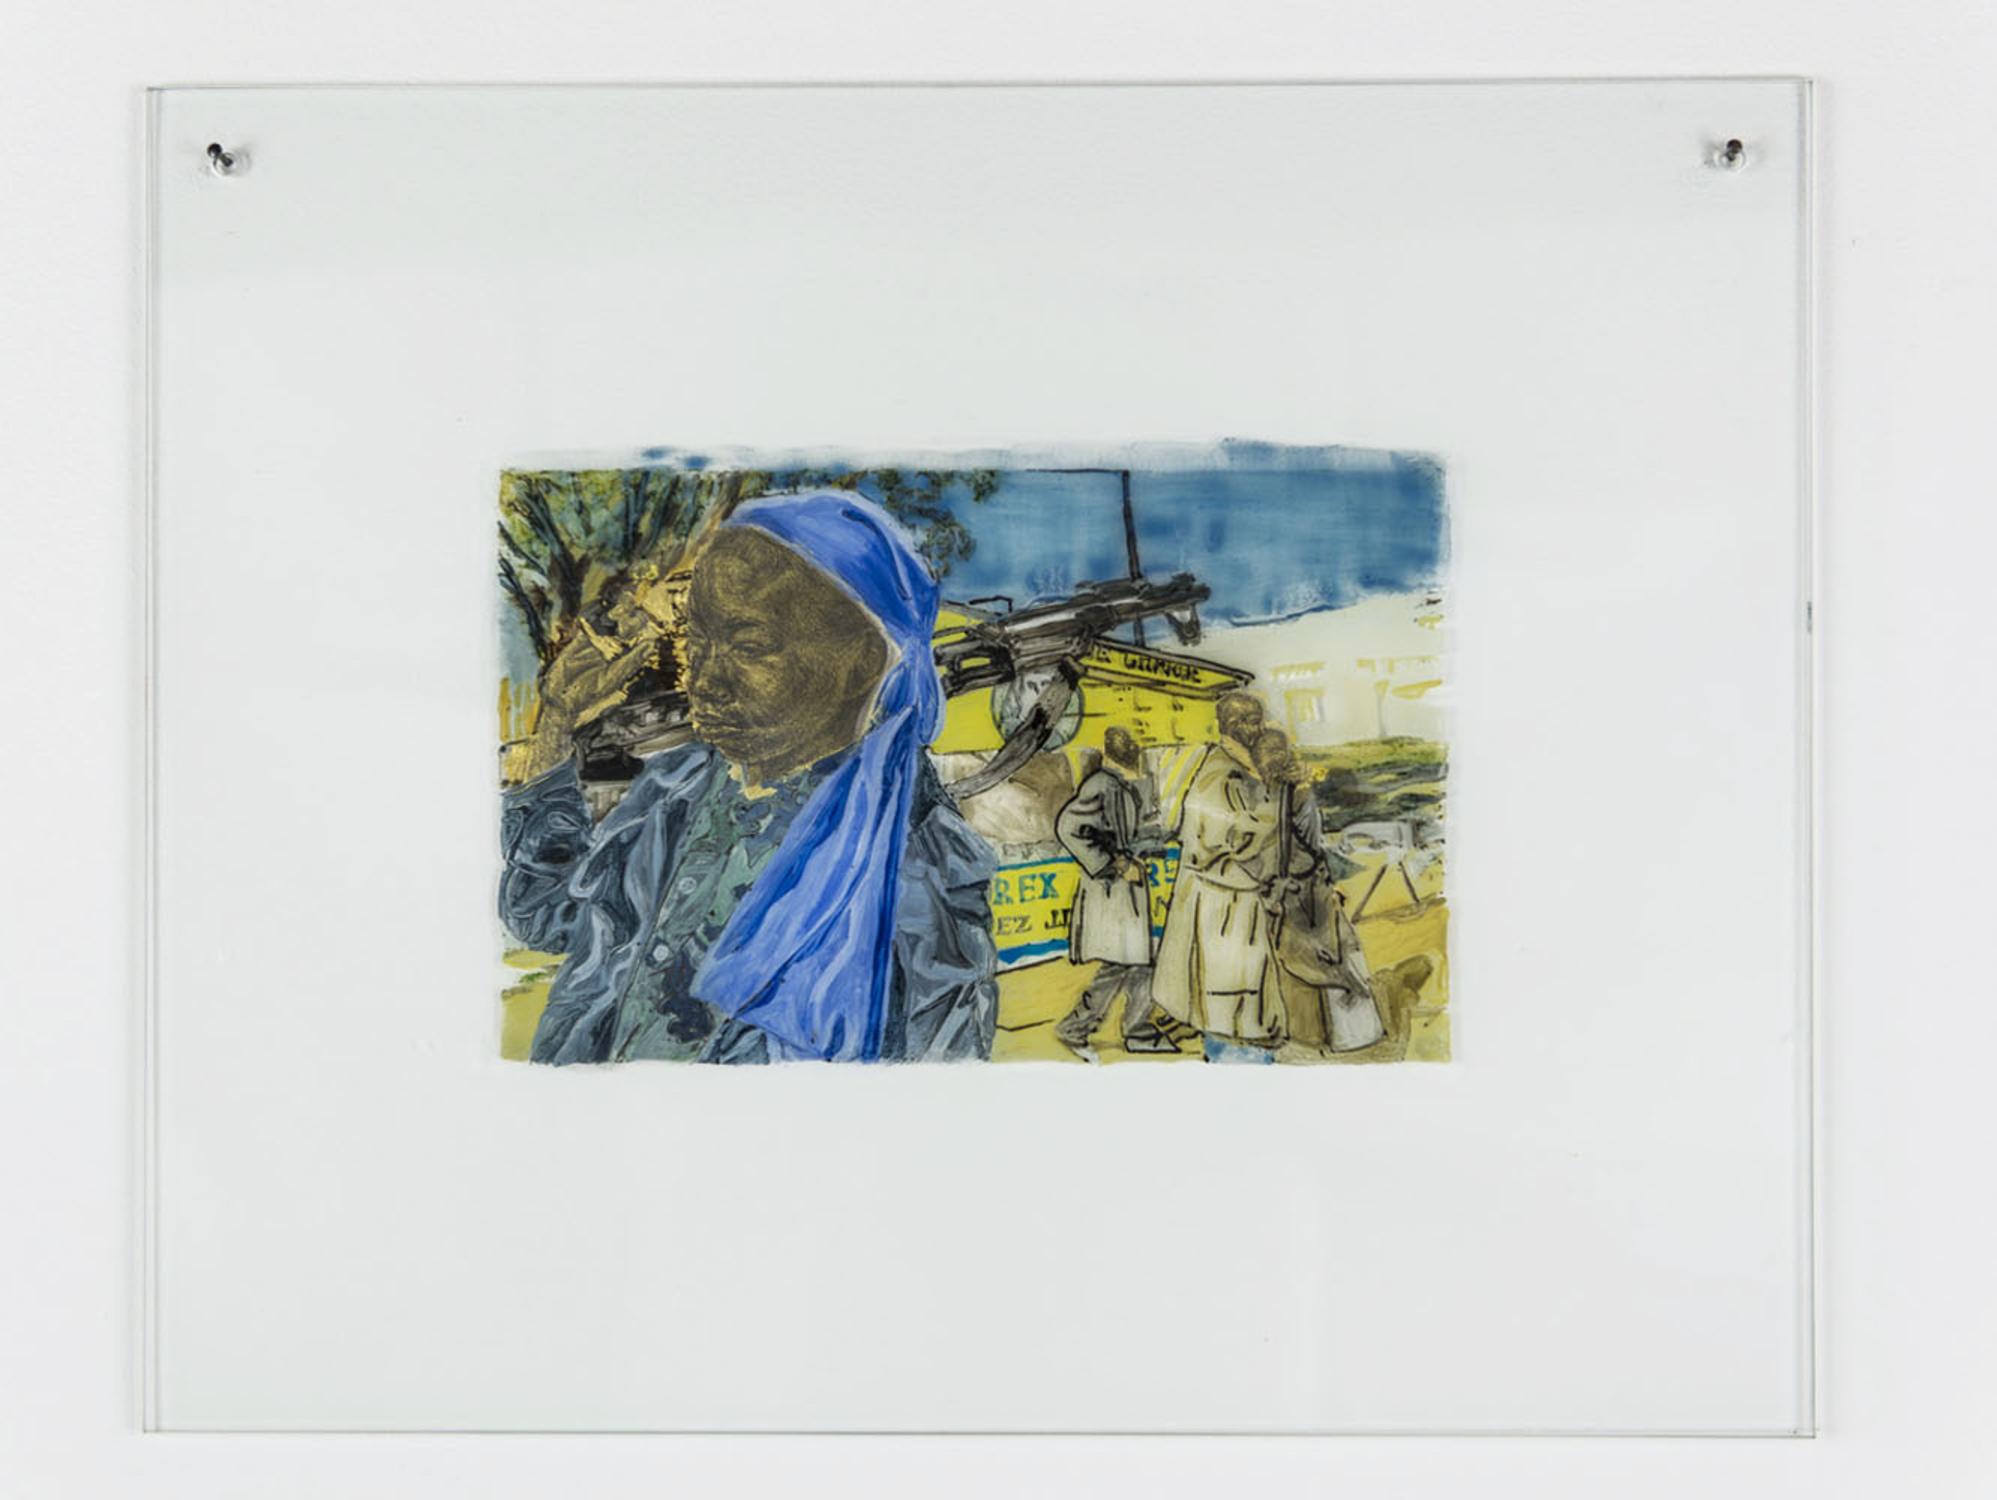 Kathrina Rudolph Hinterglasmalerei Afrika 2